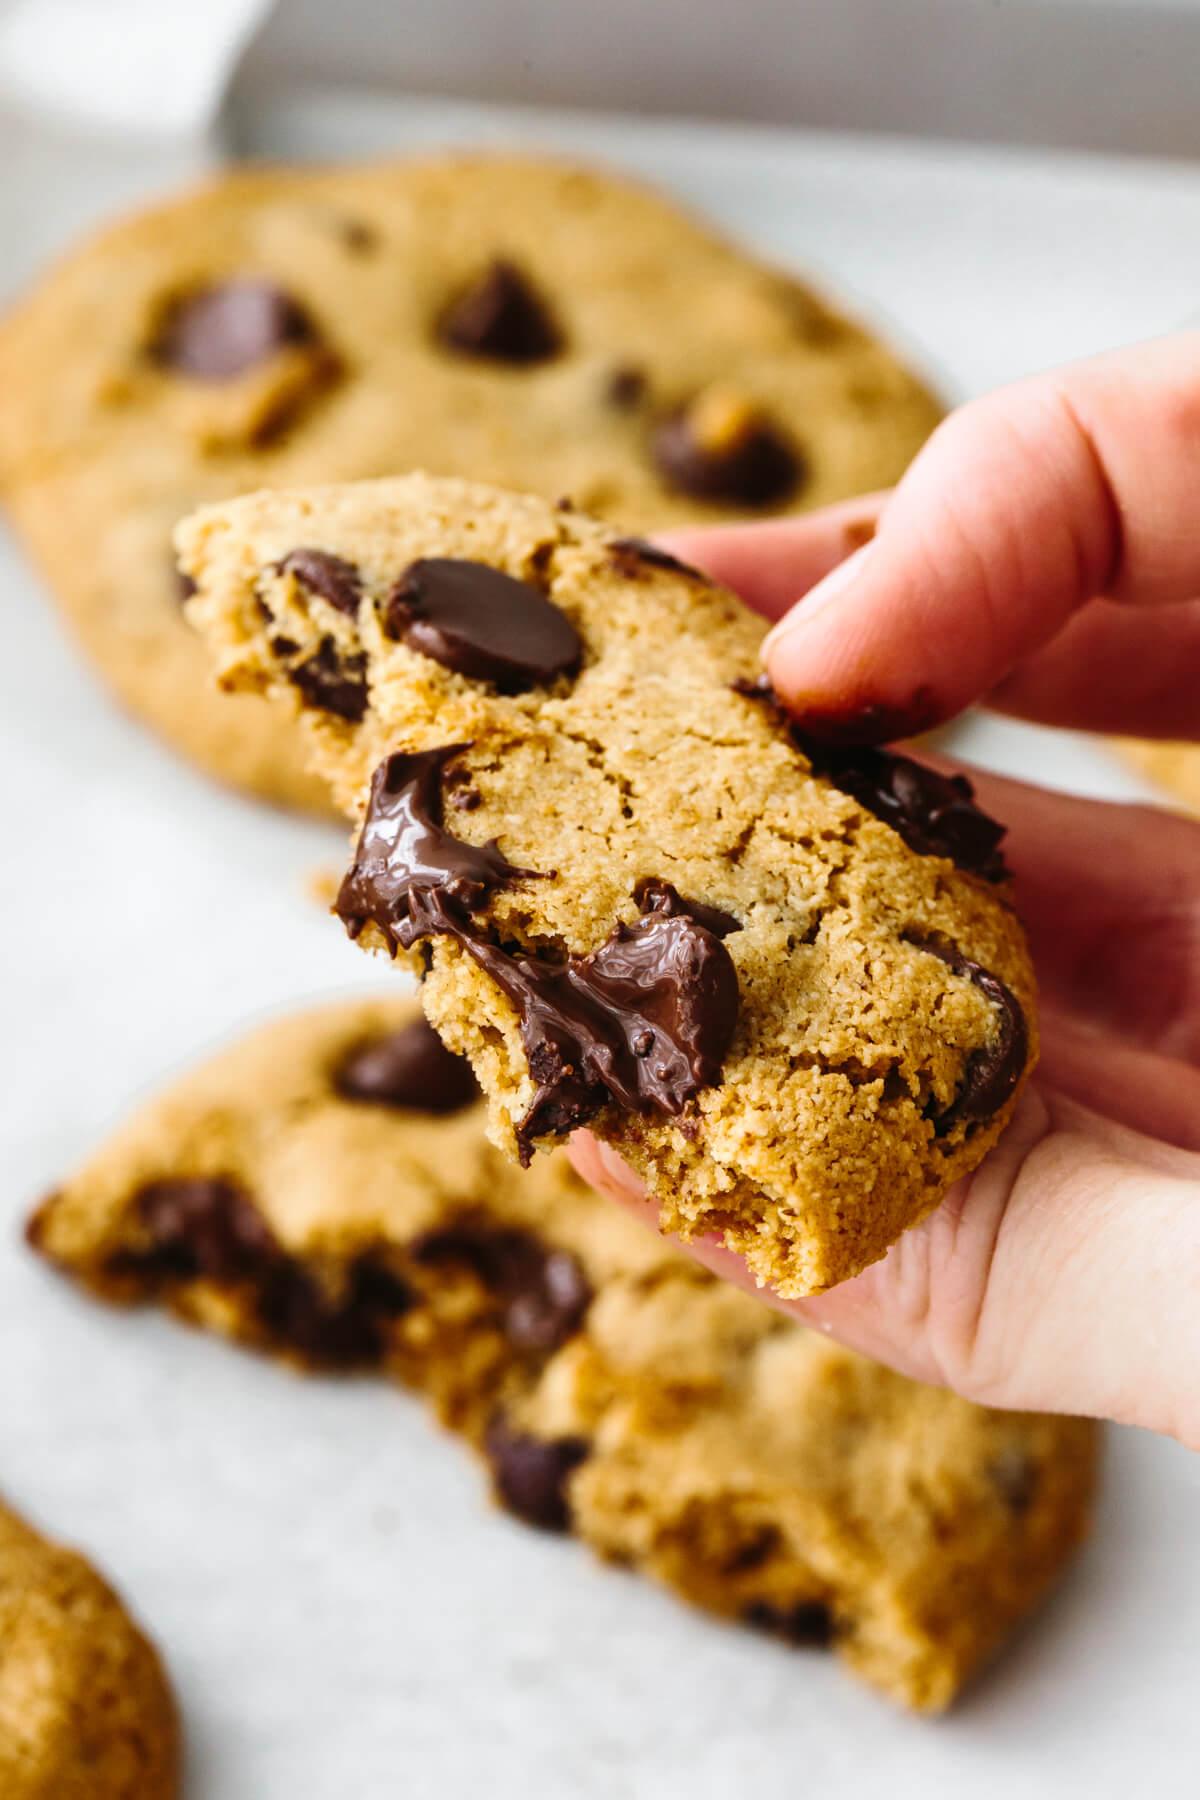 Holding a bitten gluten-free chocolate chip cookie